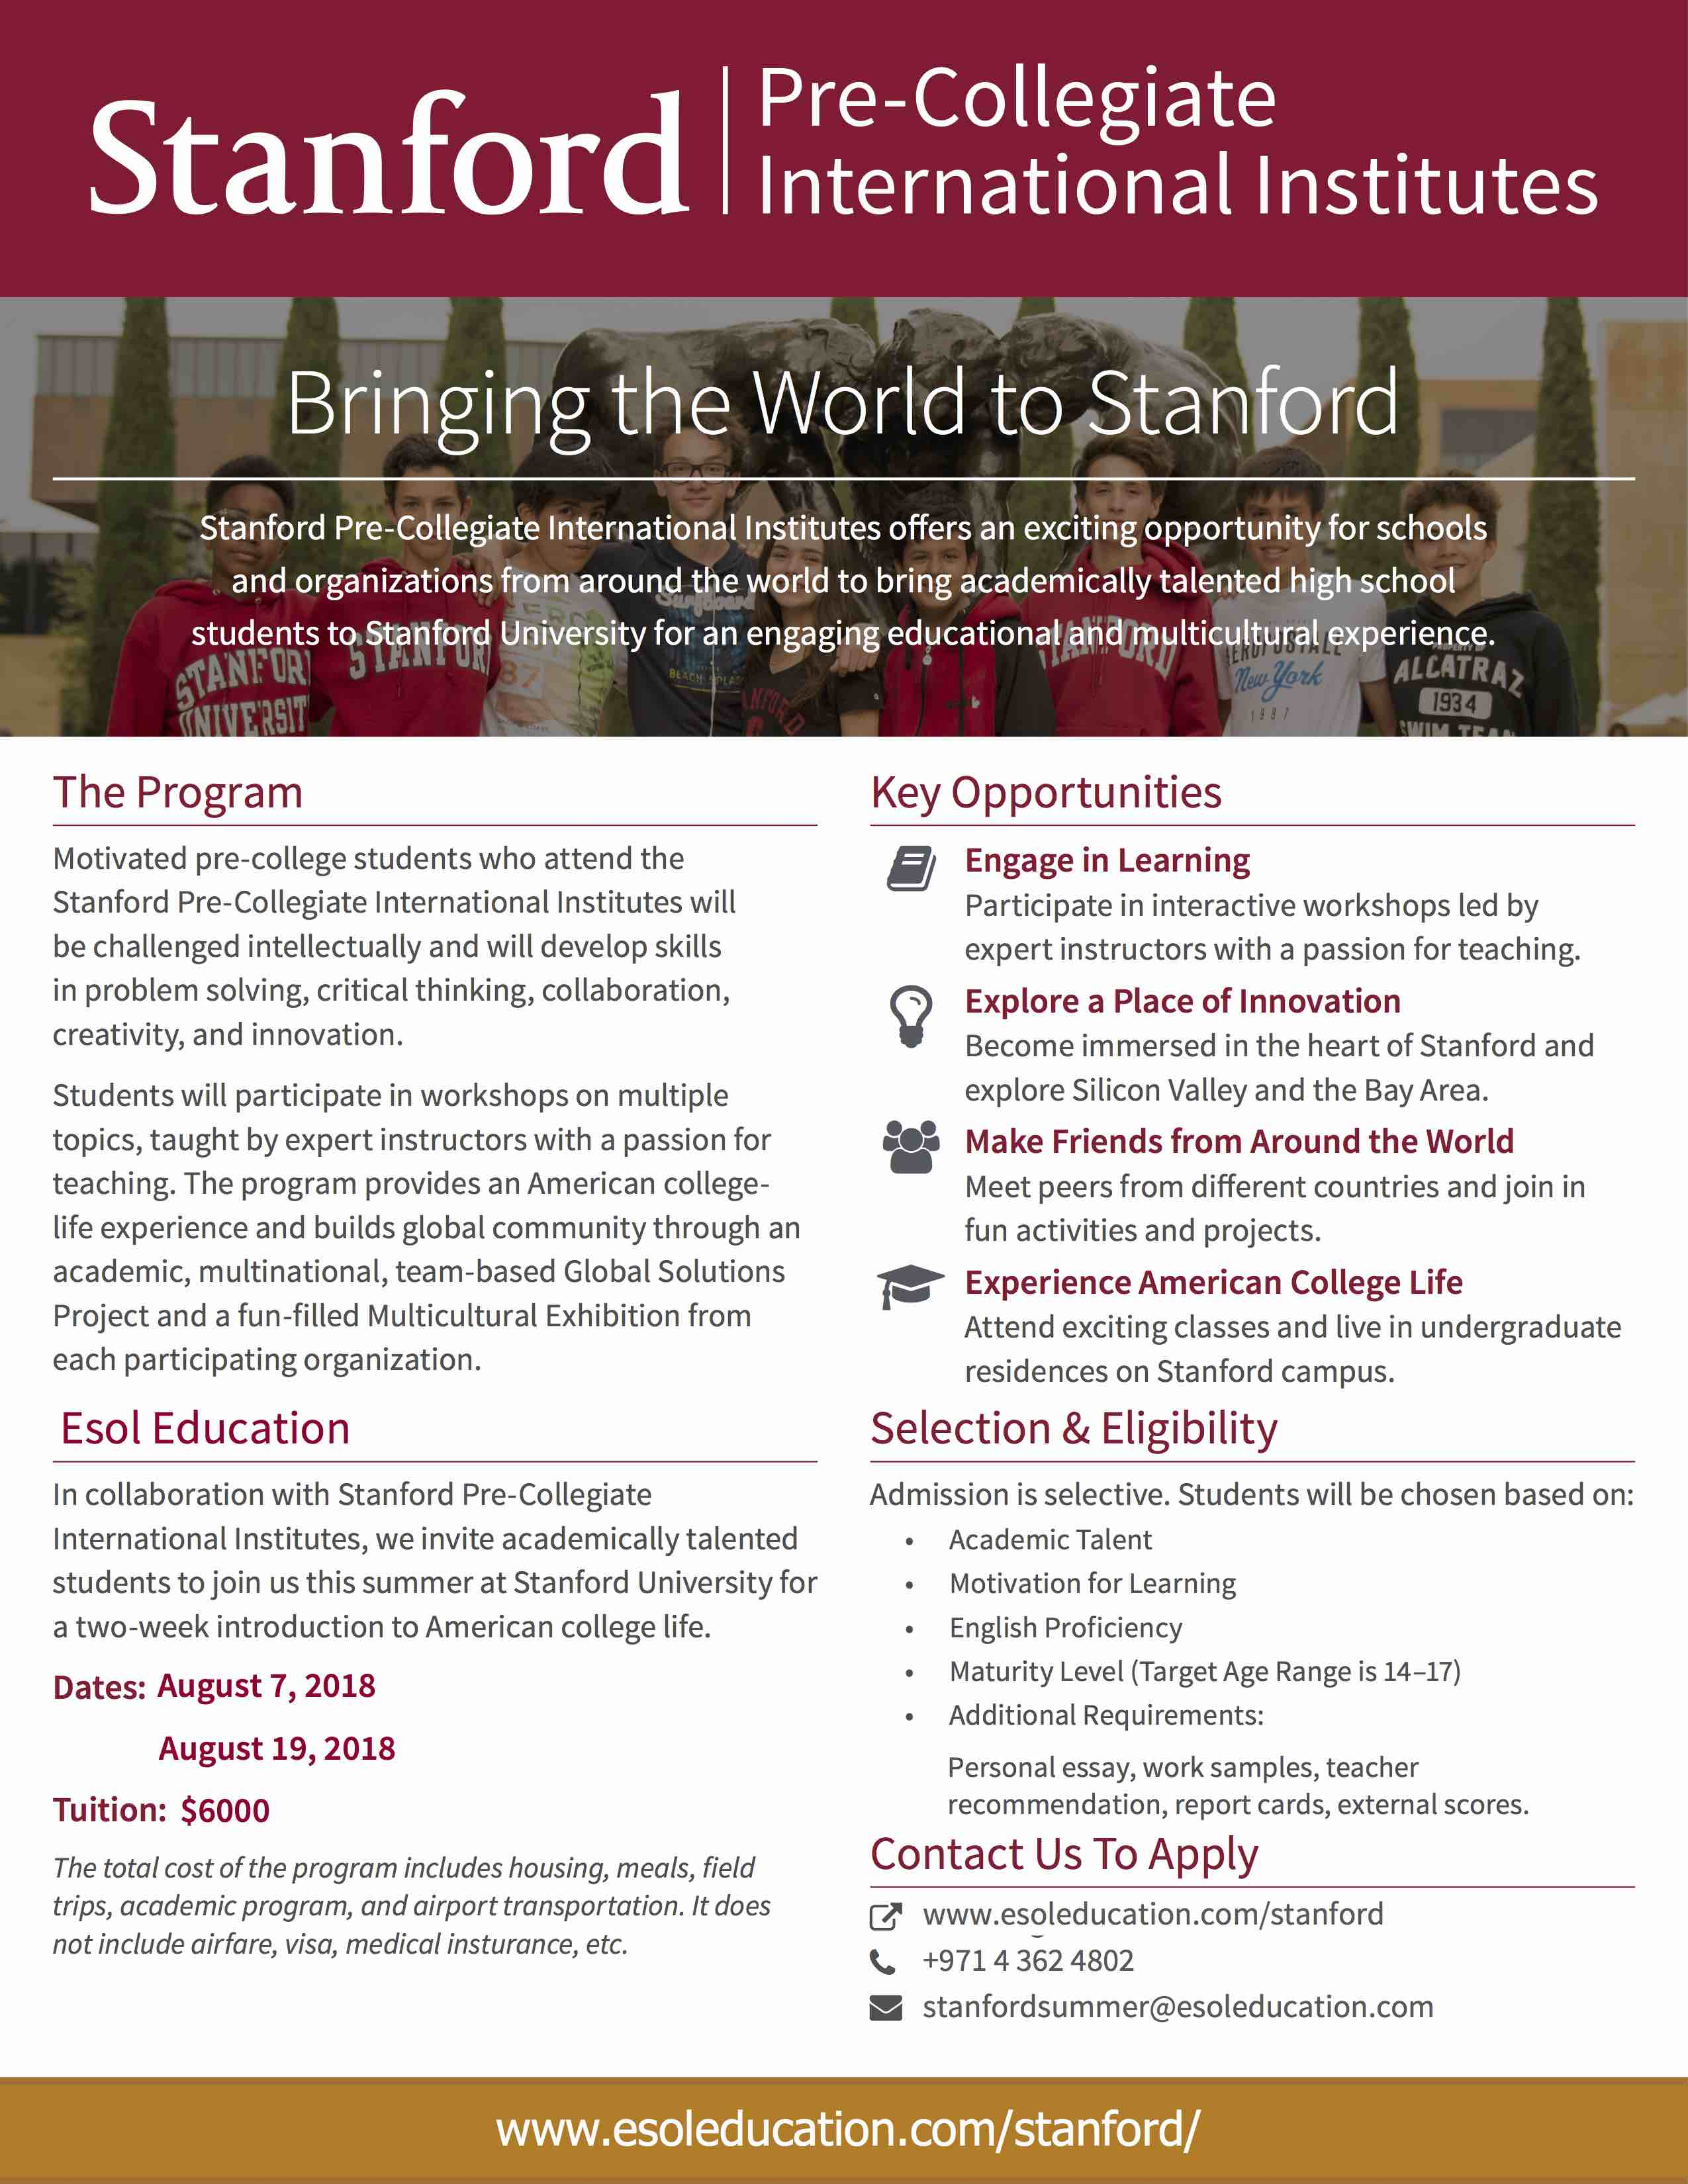 Esol Education: Stanford Pre-Collegiate International Institutes